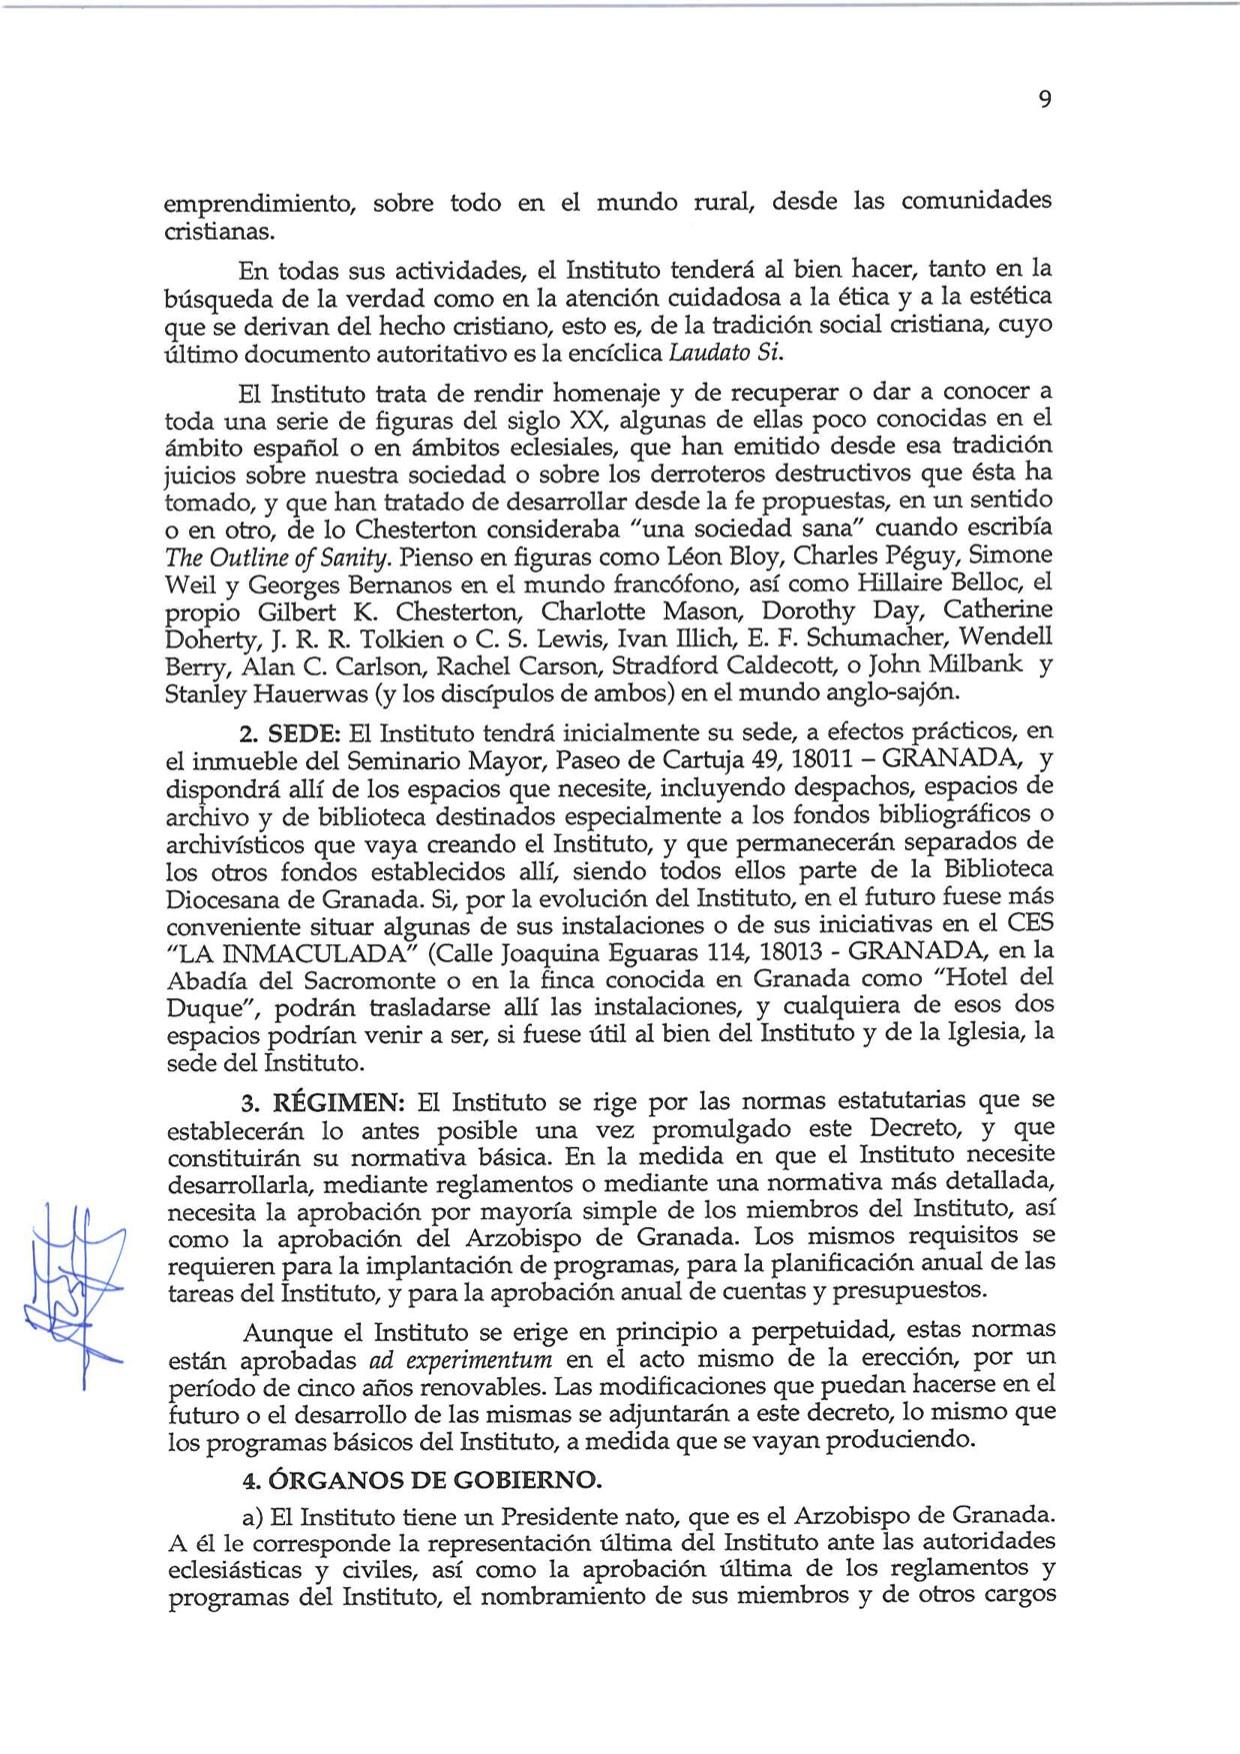 Decreto de Erección _Laudato Si_09